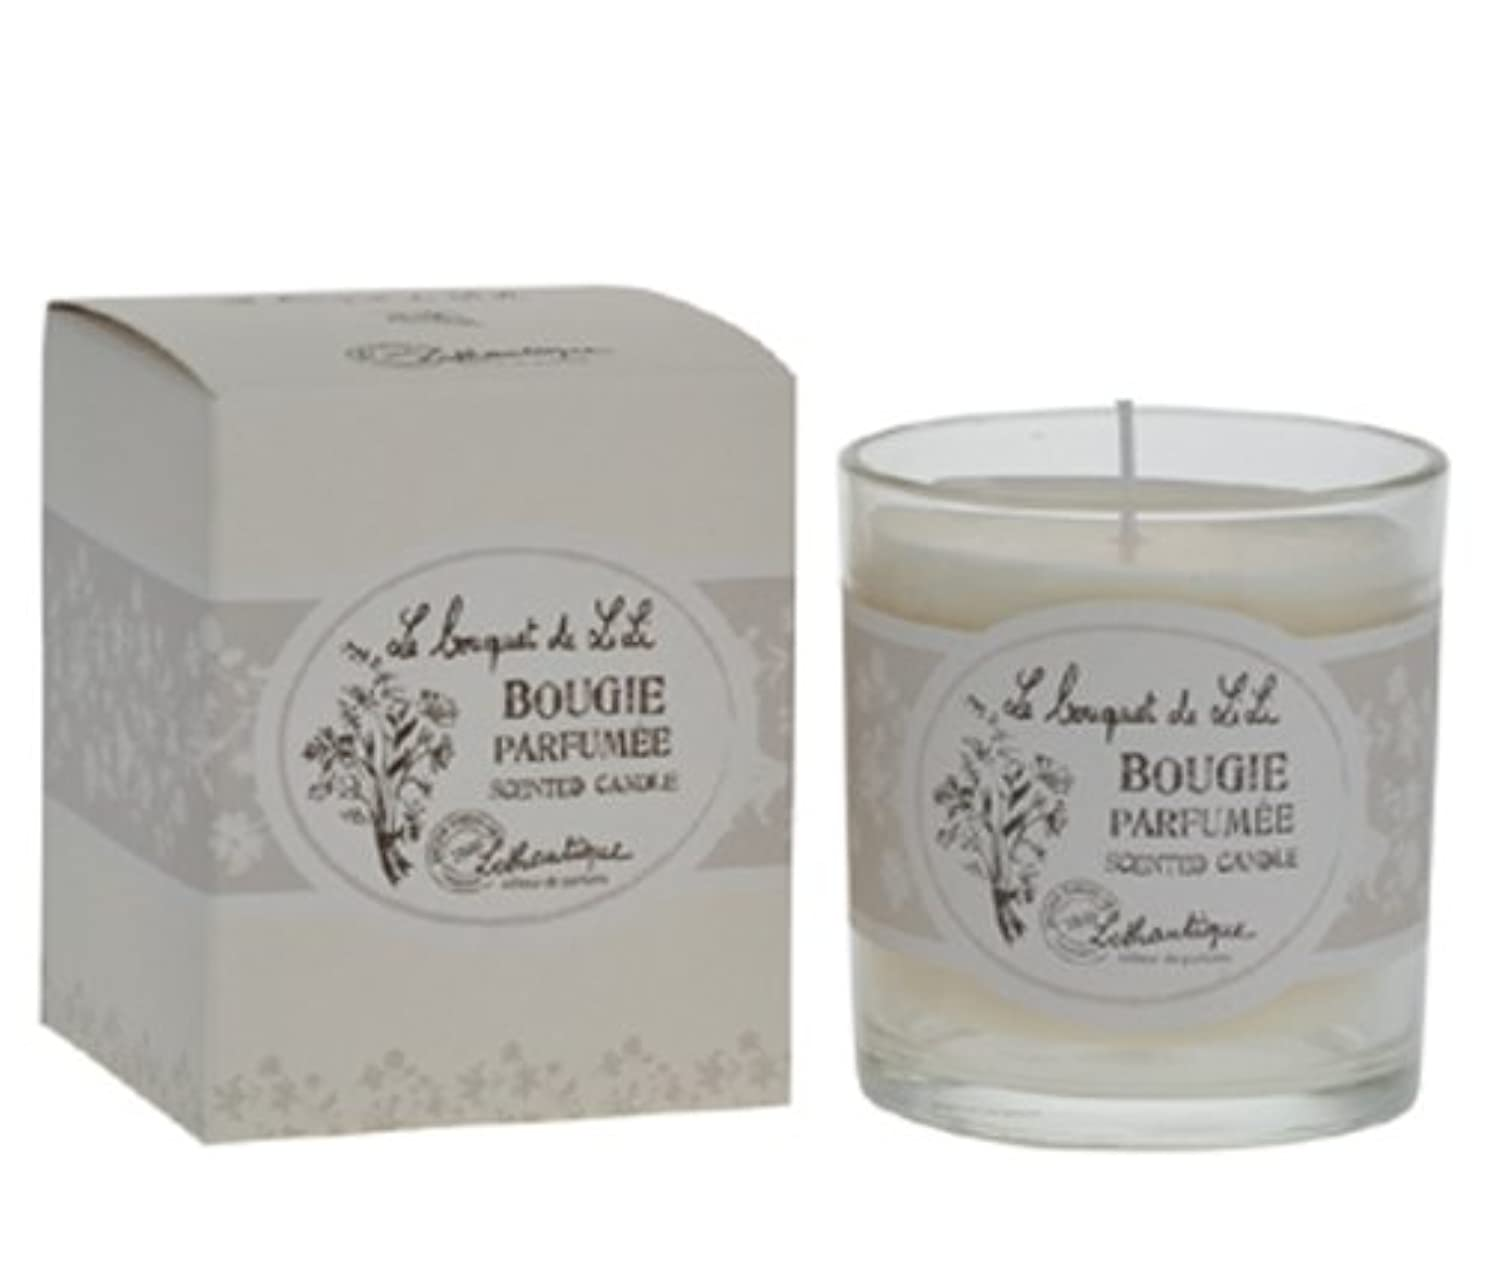 見てスローガンコールLothantique(ロタンティック) Le bouquet de LiLi(ブーケドゥリリシリーズ) キャンドル 140g 3420070029065